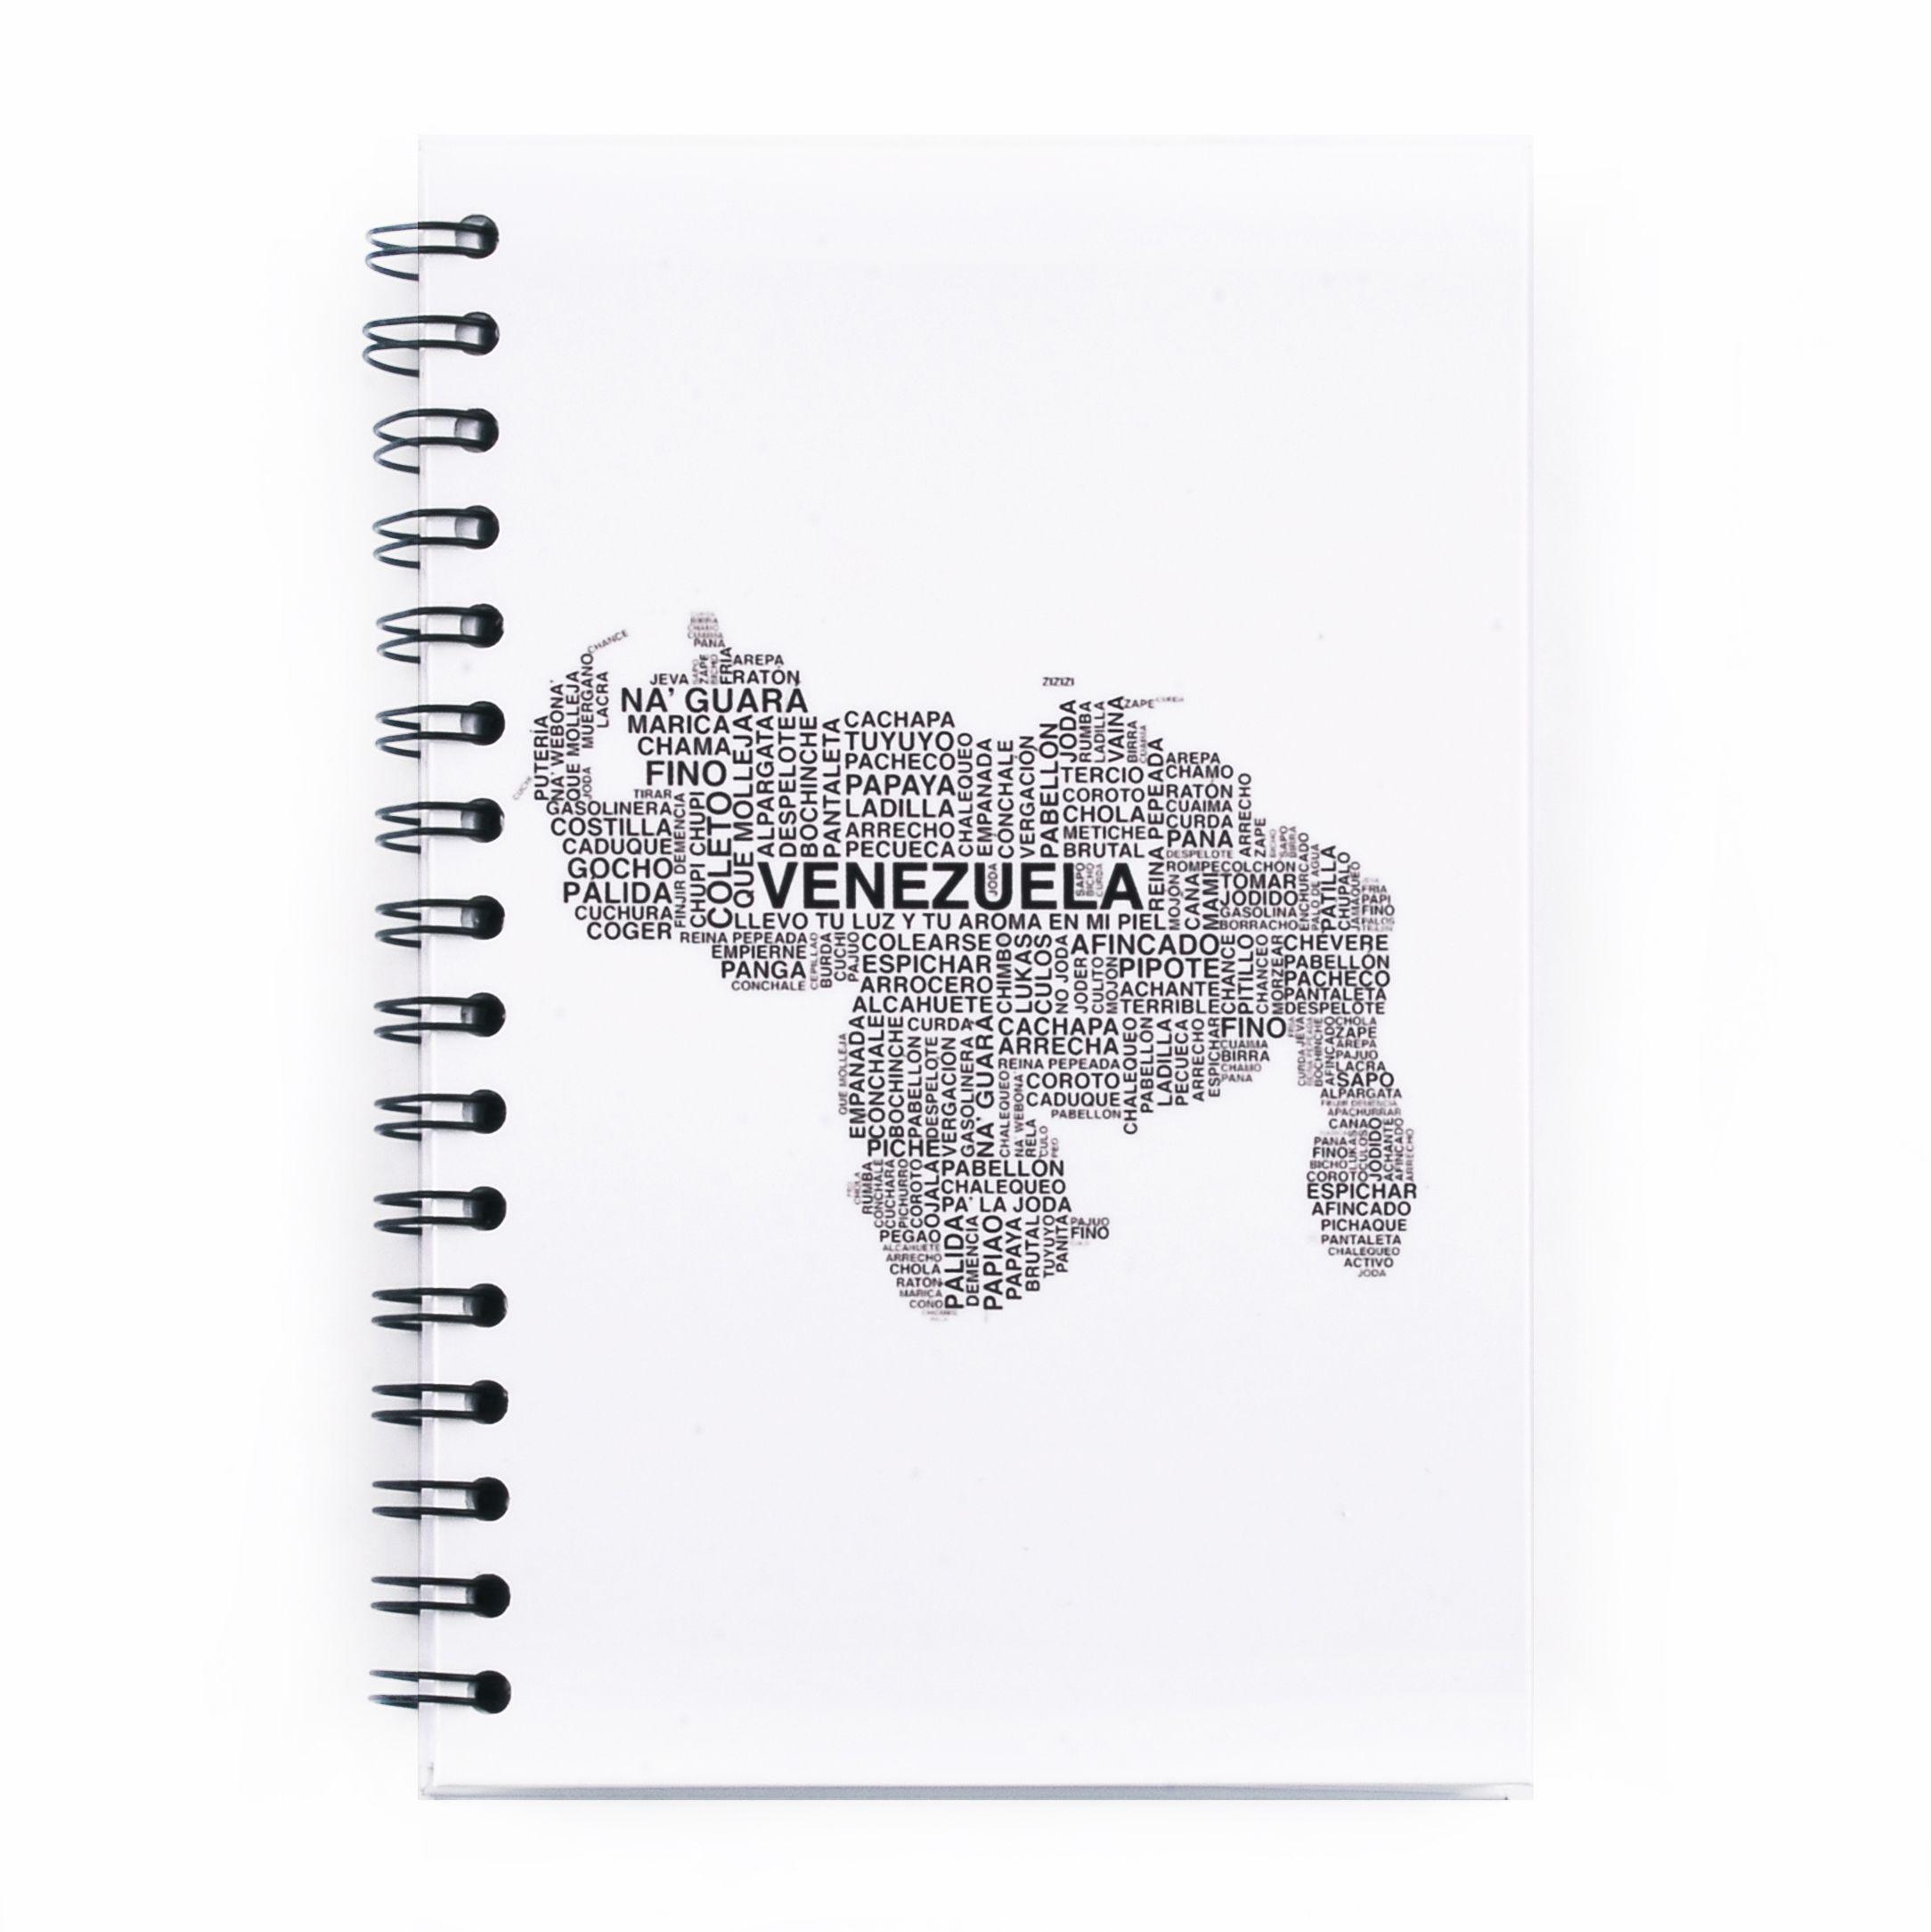 Identidad Venezolana. Chevere, fino, na guara, que molleja, bicho, lacra, estas son algunas de las palabras venezolanas que podrás encontrar en esta increíble libreta que te acompaña a donde estés.